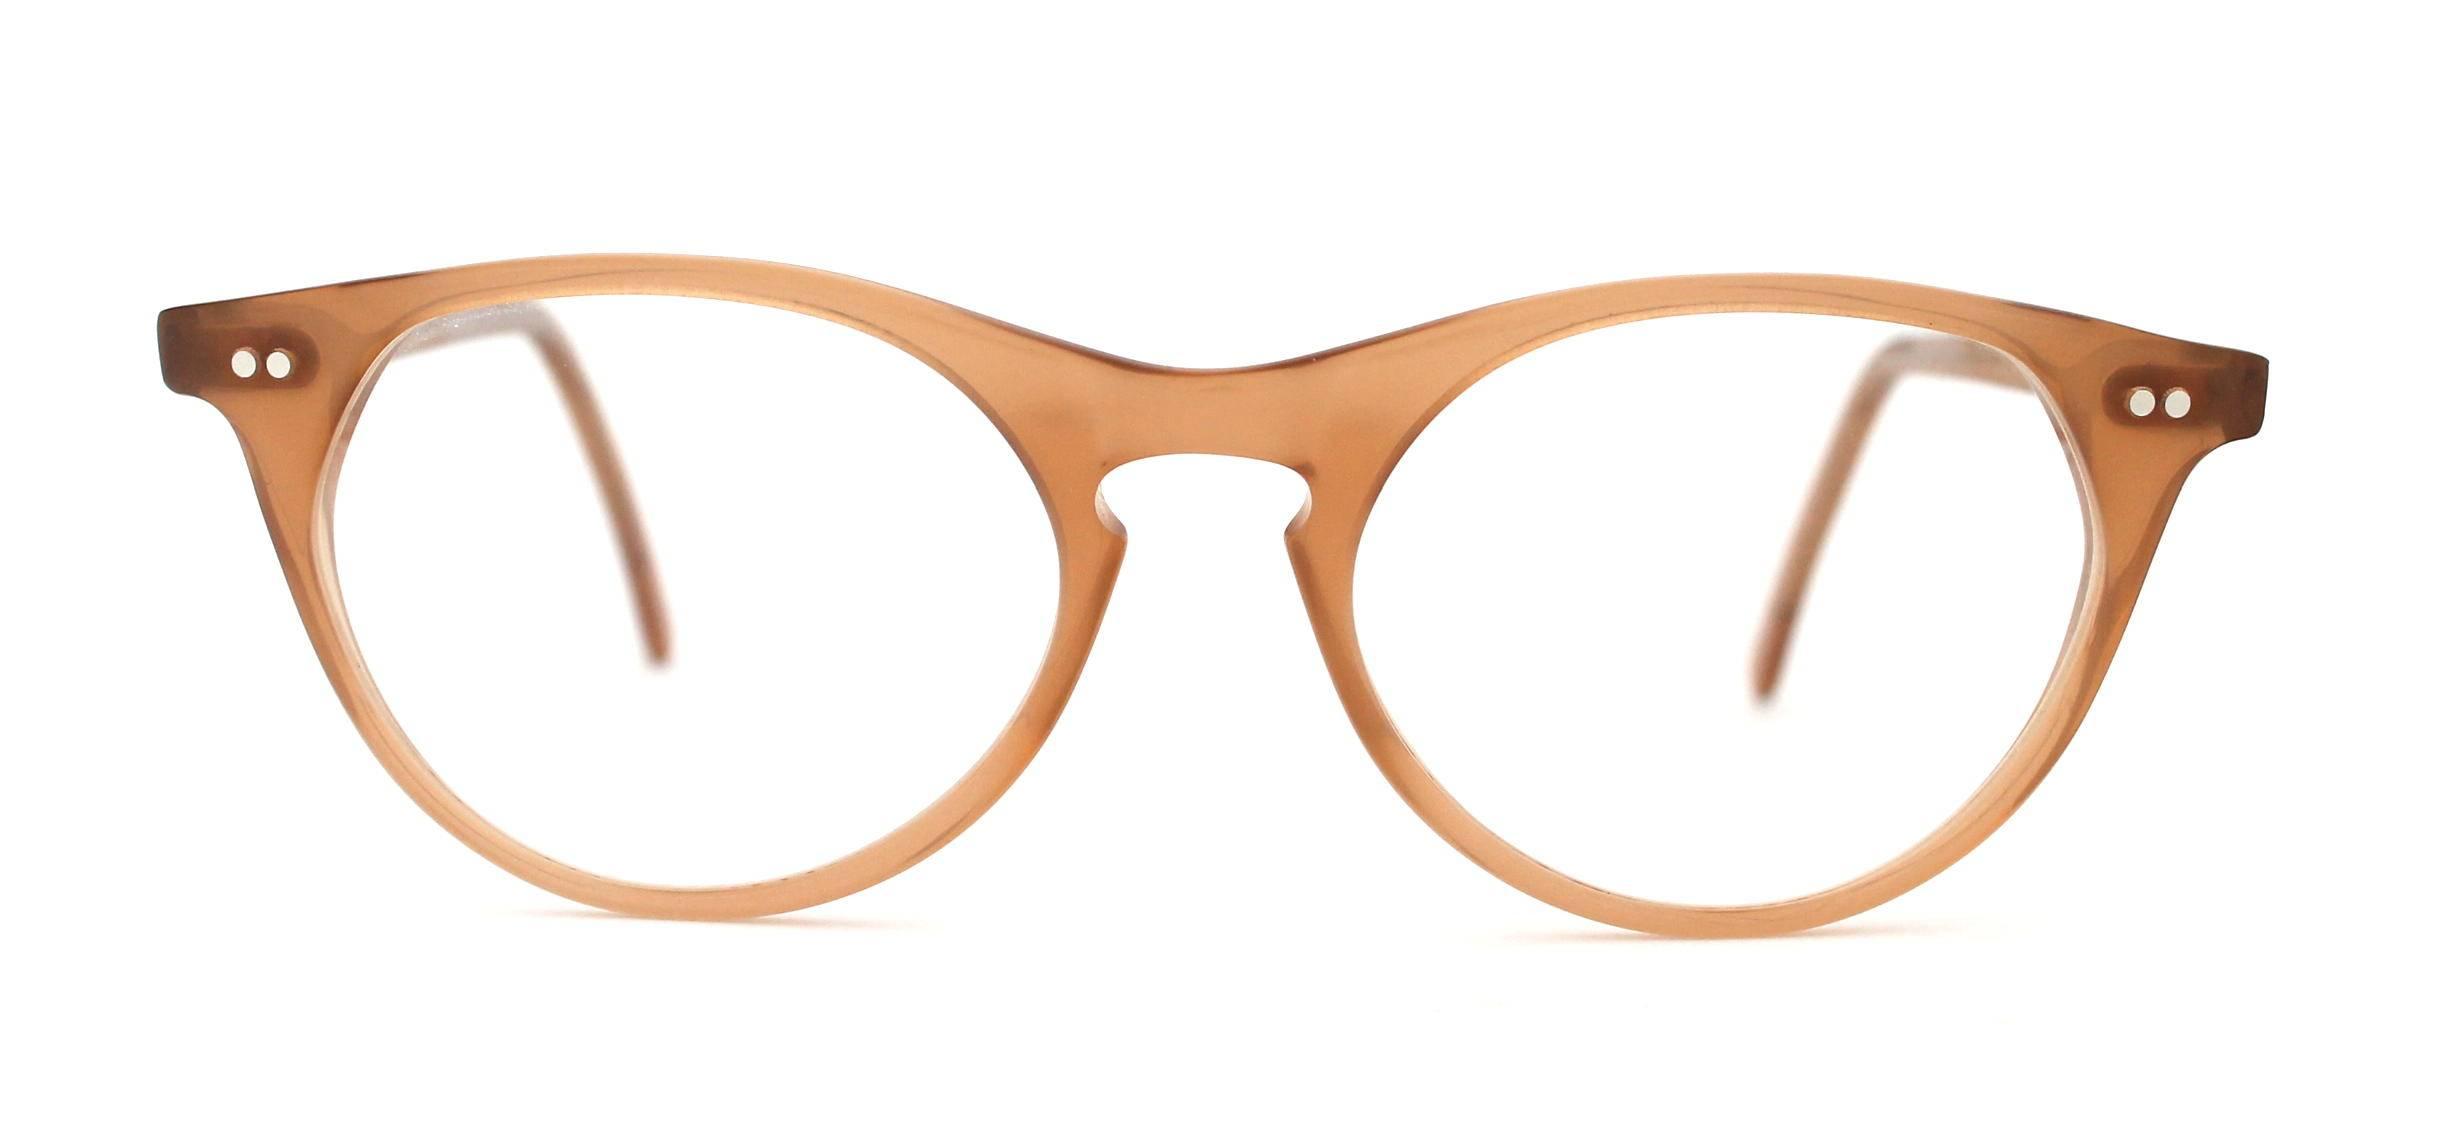 Paulino Spectacles - Ramiro R 1032B